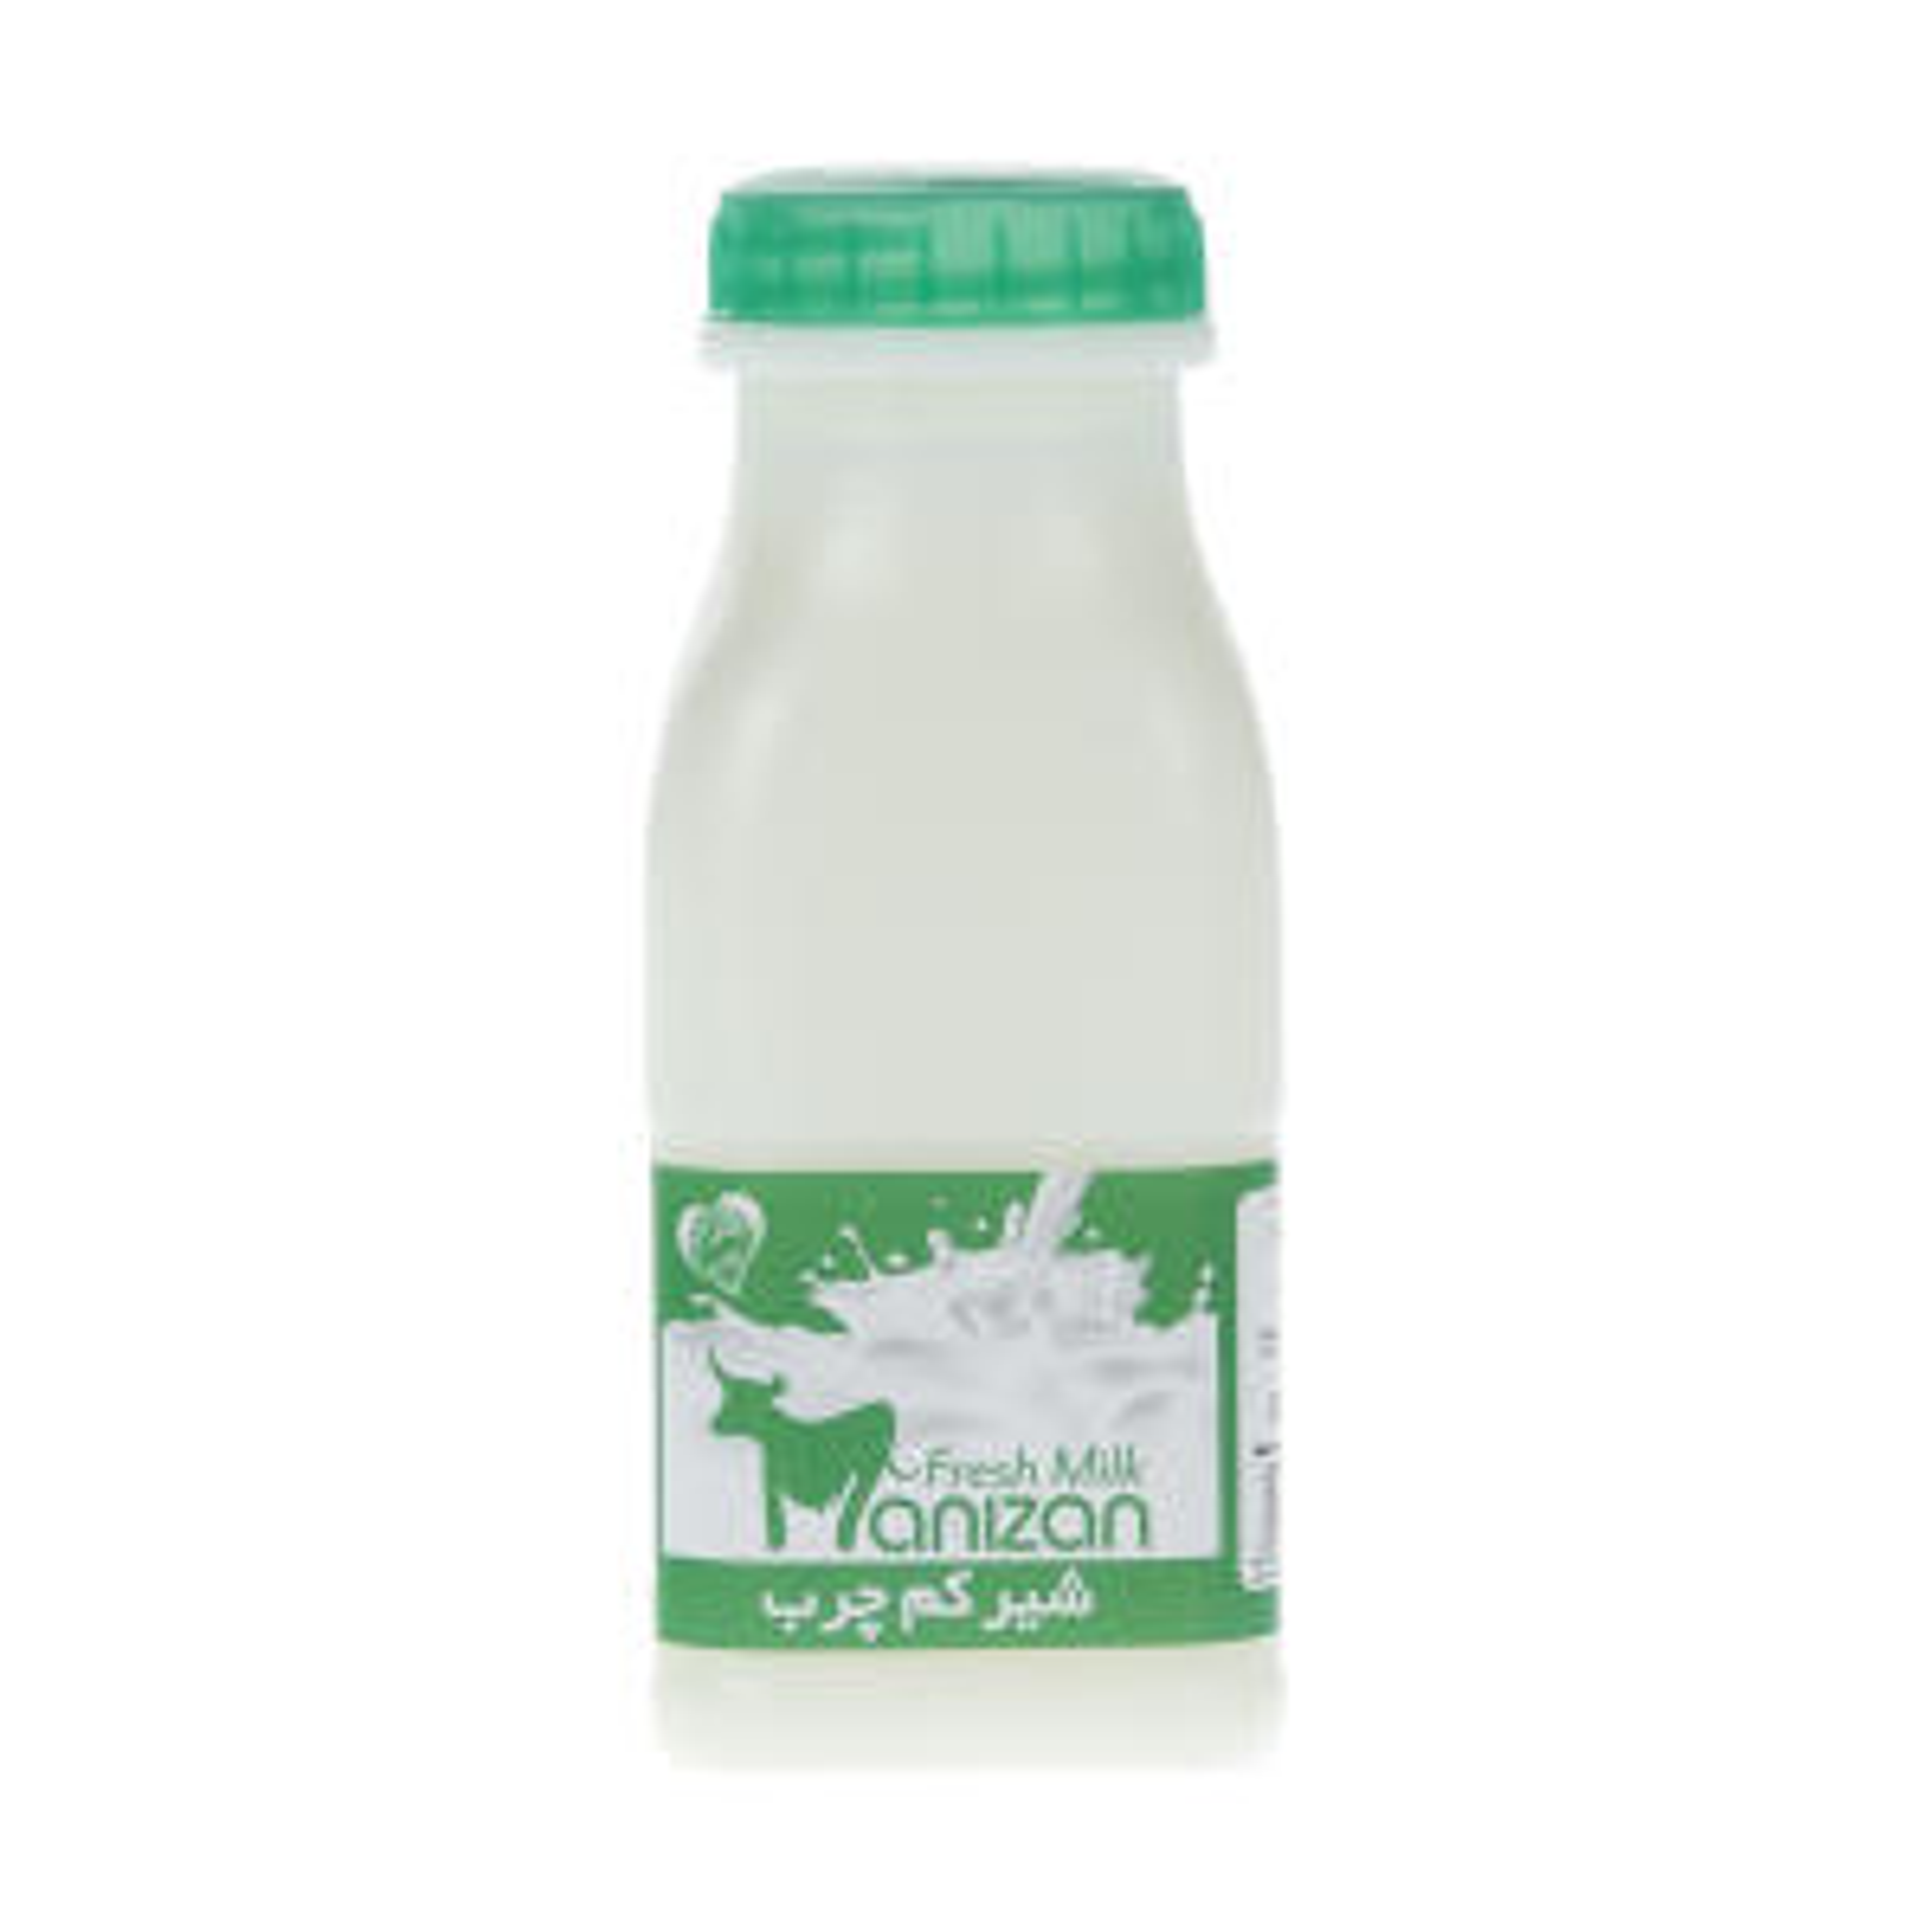 شیر کم چرب مانیزان حجم 230 میلی لیتر